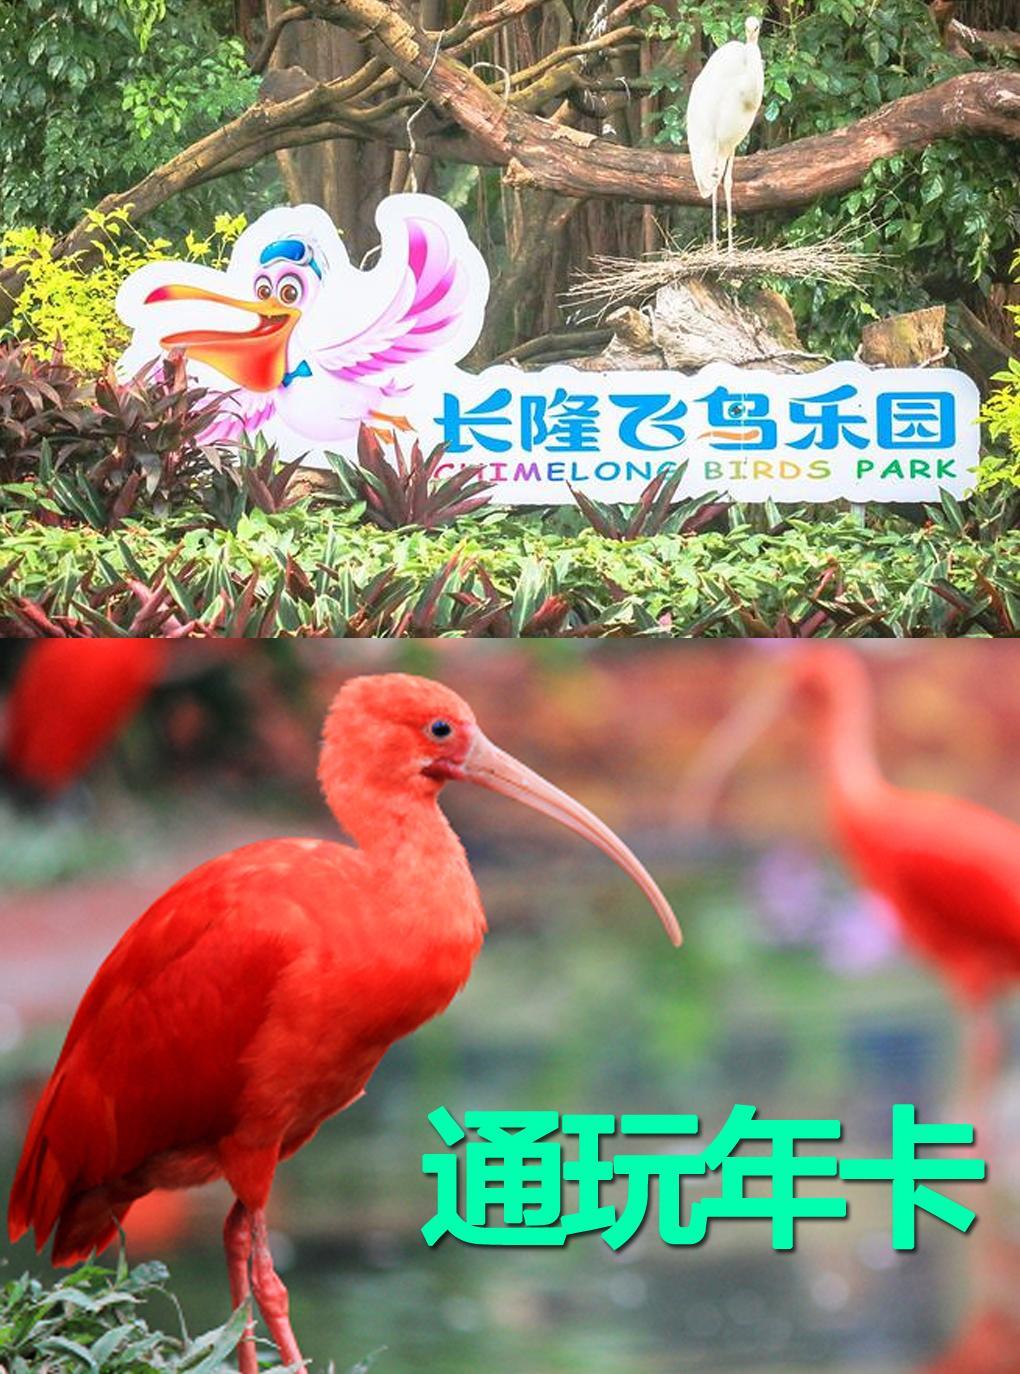 [广州长隆飞鸟乐园-通玩年卡